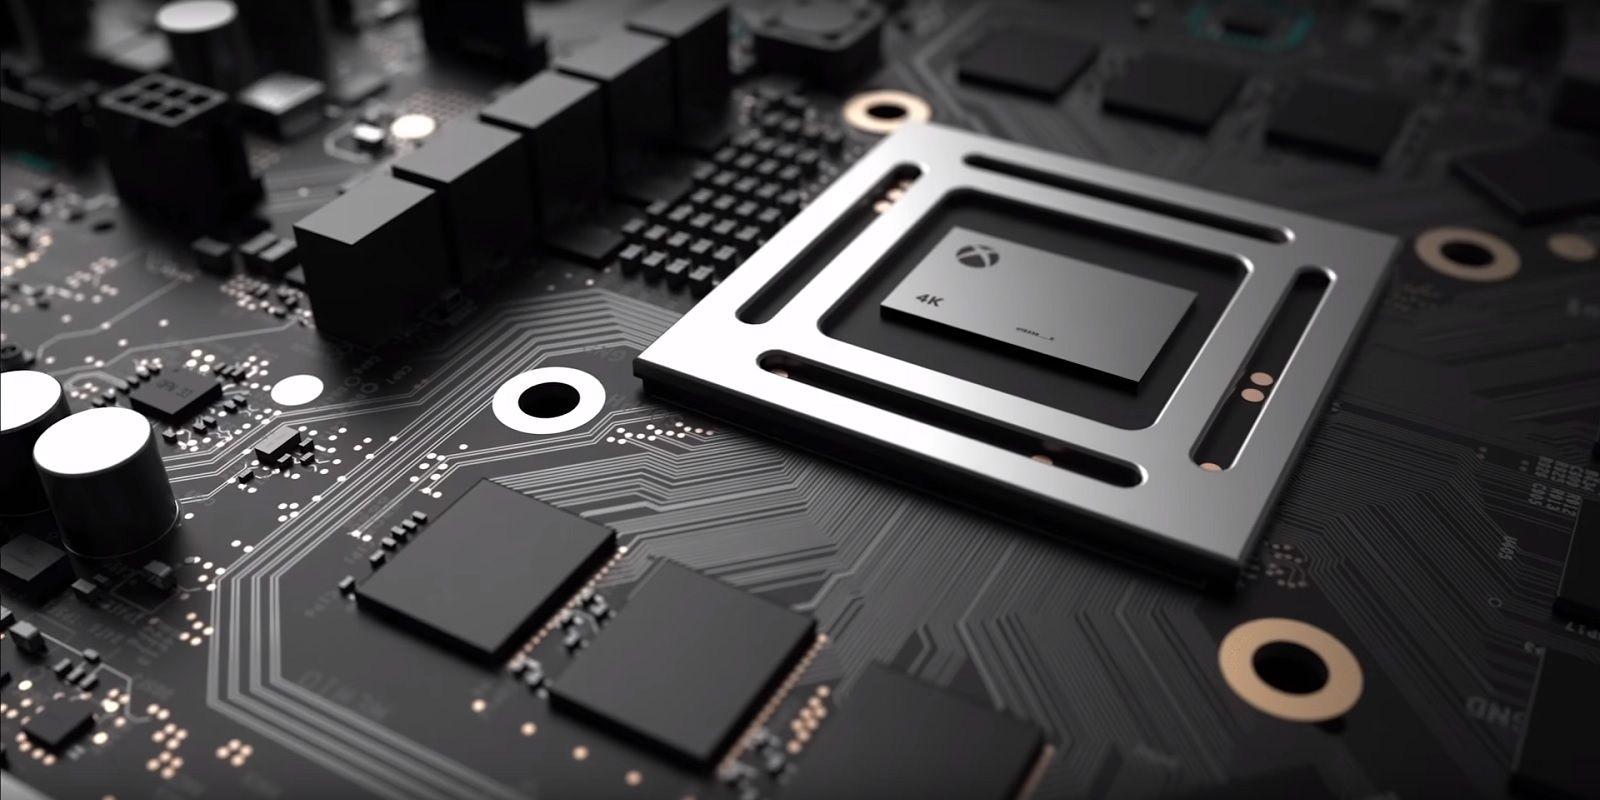 Project Scorpio: Microsoft раскрыла технические характеристики игровой консоли следующего поколения - 1